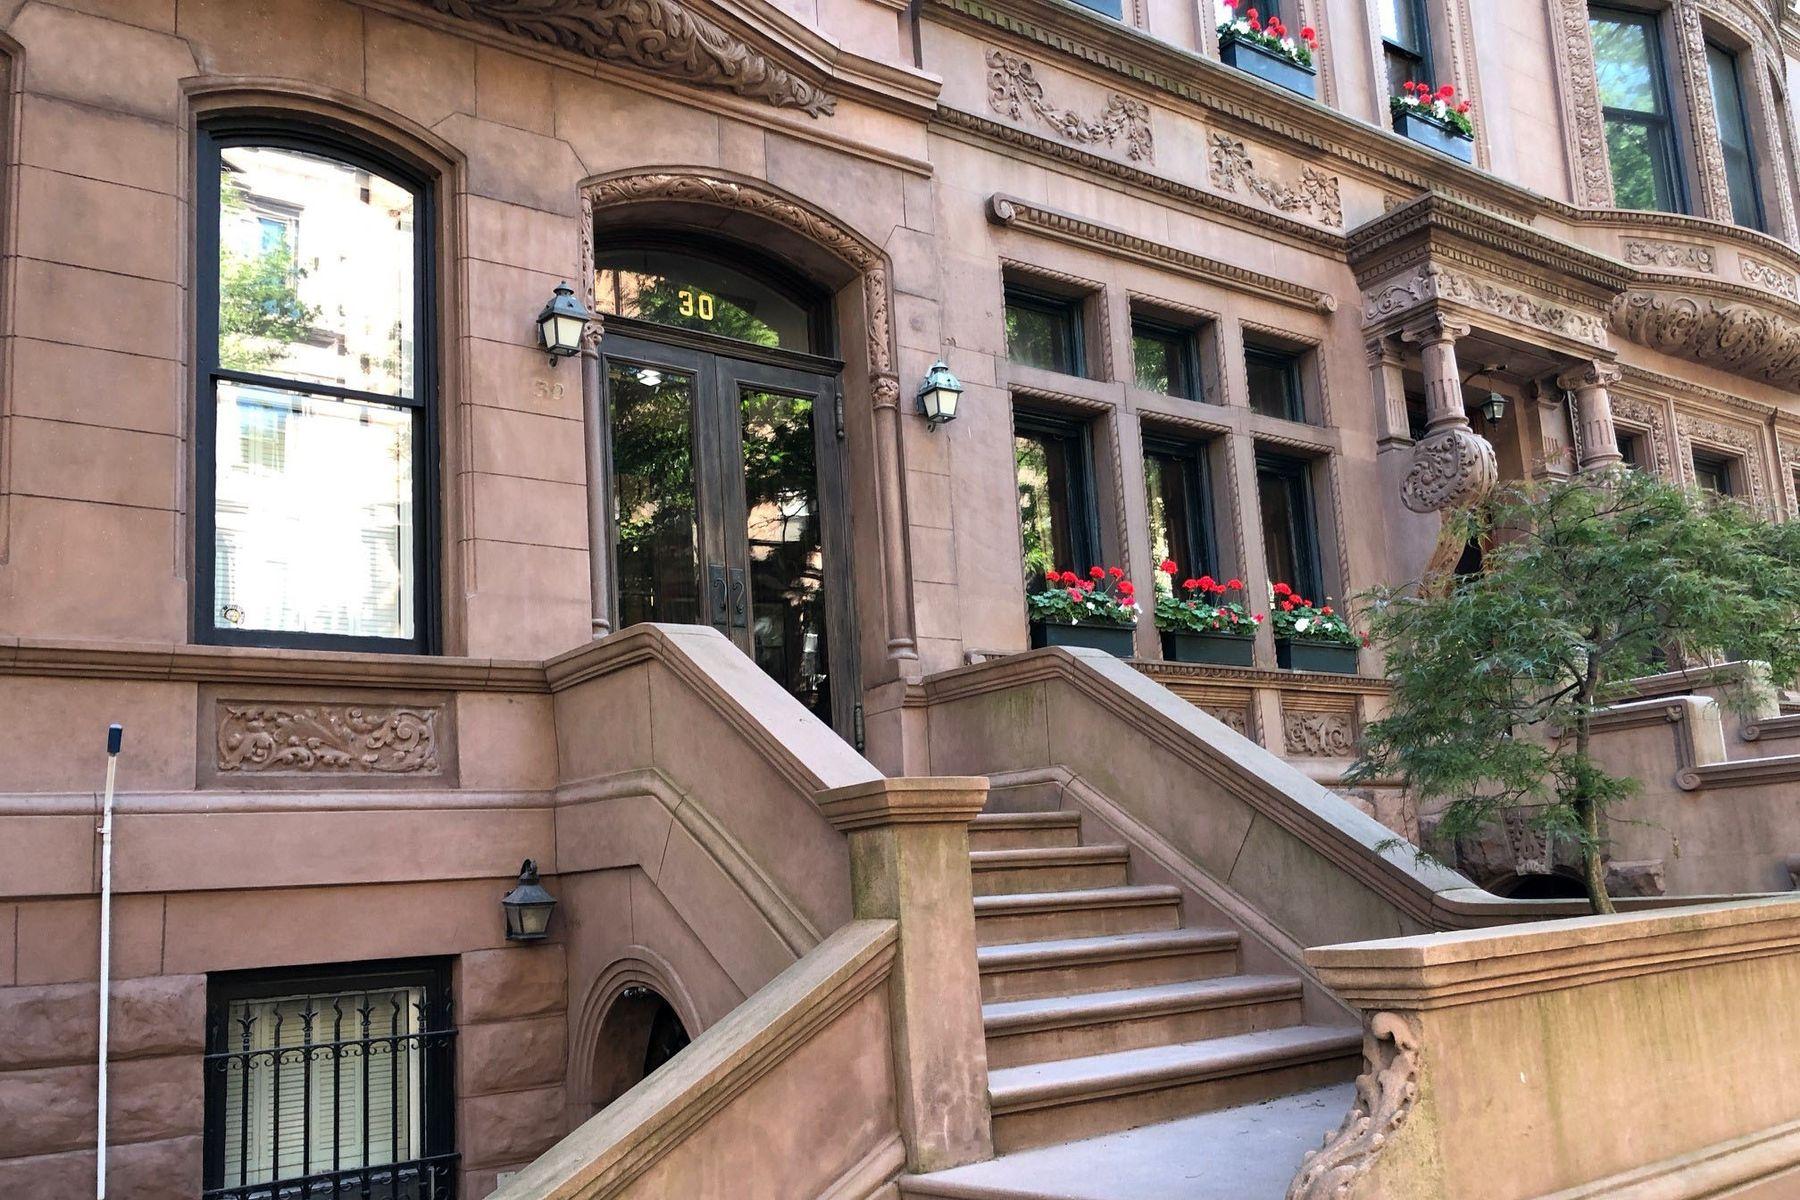 Casa unifamiliar adosada (Townhouse) por un Alquiler en 30 West 89th Street, Apt 2 30 West 89th Street Apt 2 New York, Nueva York 10024 Estados Unidos